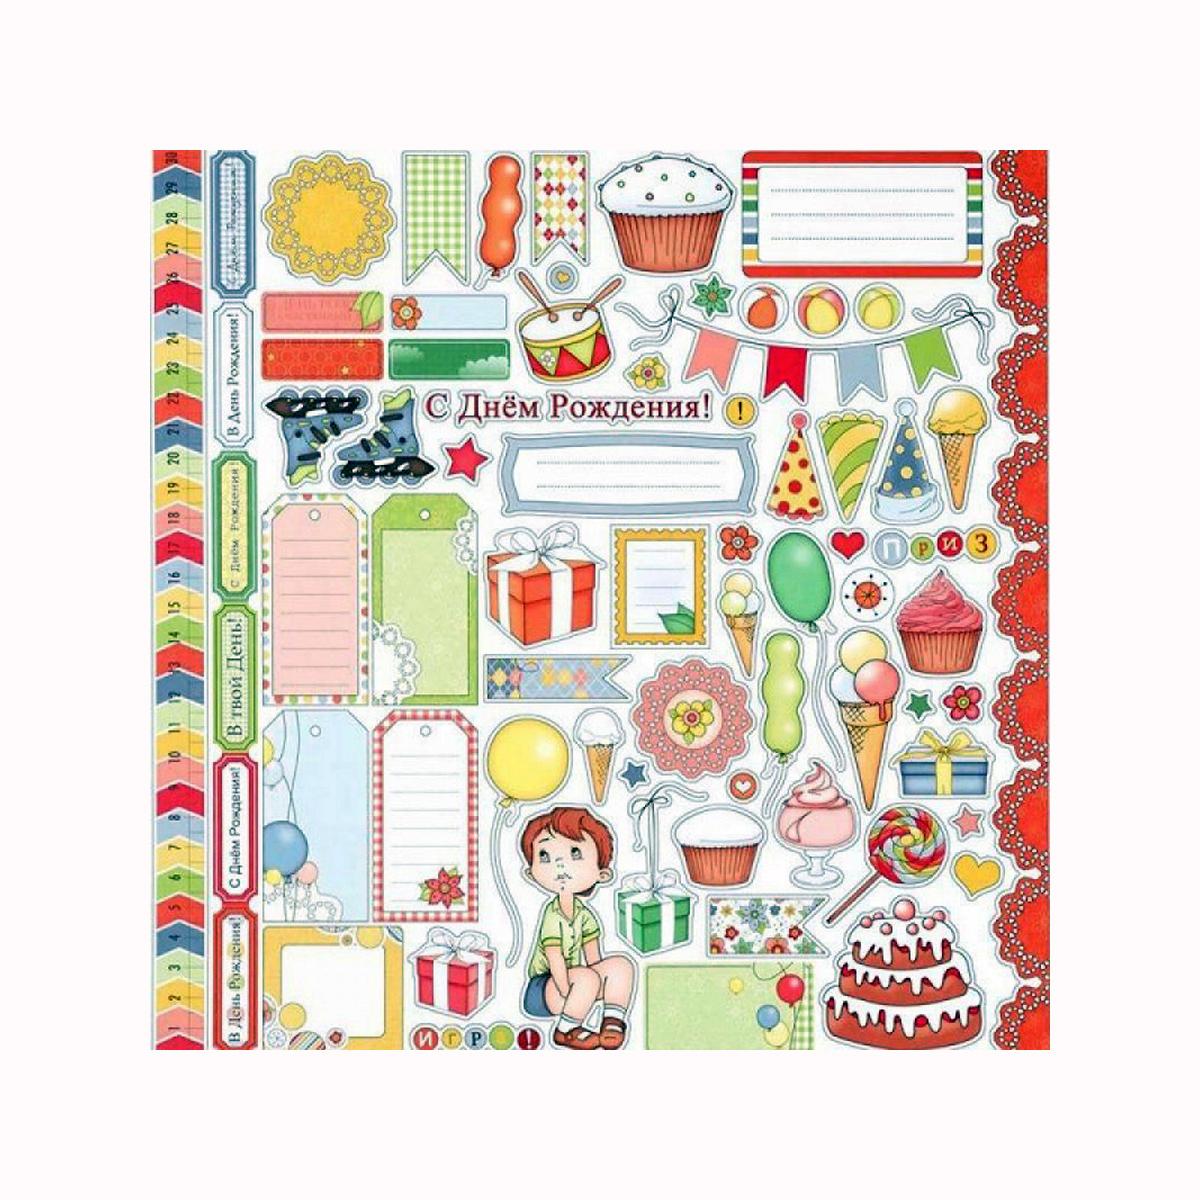 Бумага для скрапбукинга ScrapBerrys С днем рождения! Карточки-сюрприз, 30,5 х 30,5 см, 10 листов. 497146497146